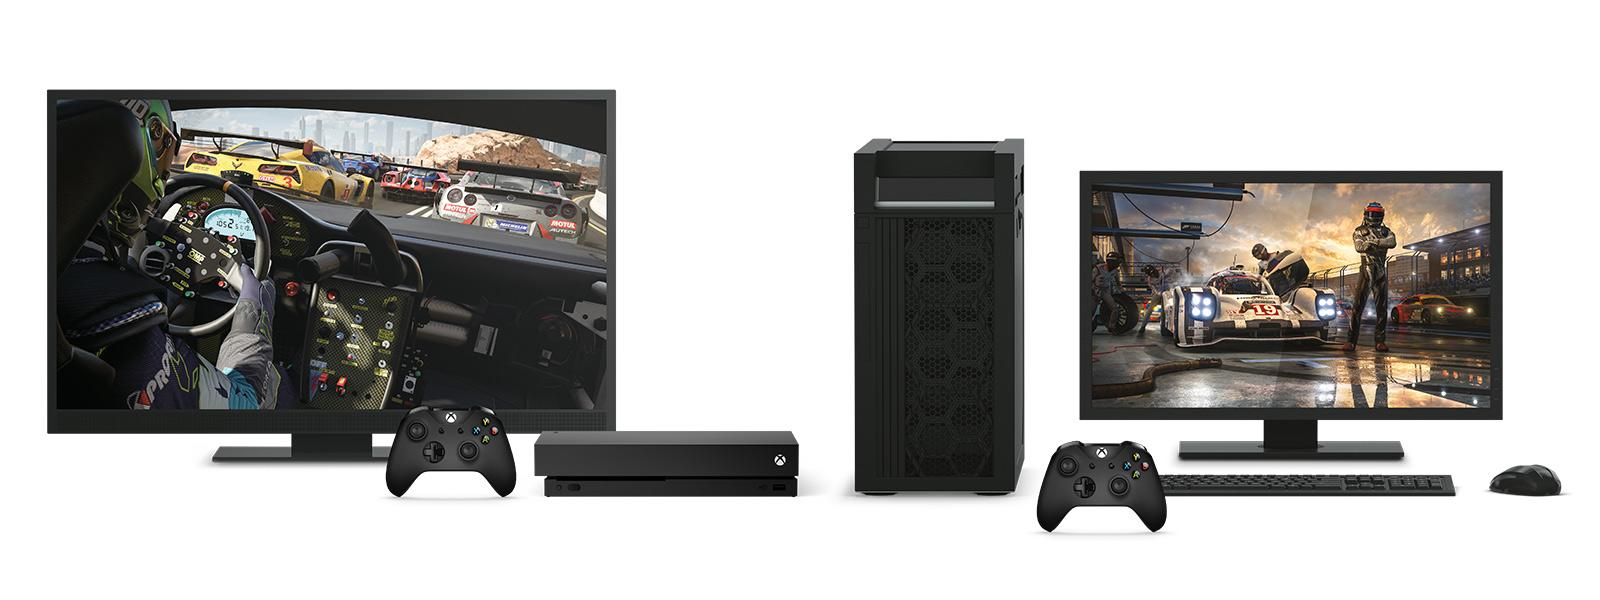 Xbox One X i komputer stacjonarny 4K z Forza Motorsport 7 na ekranie TV i ekranie komputera